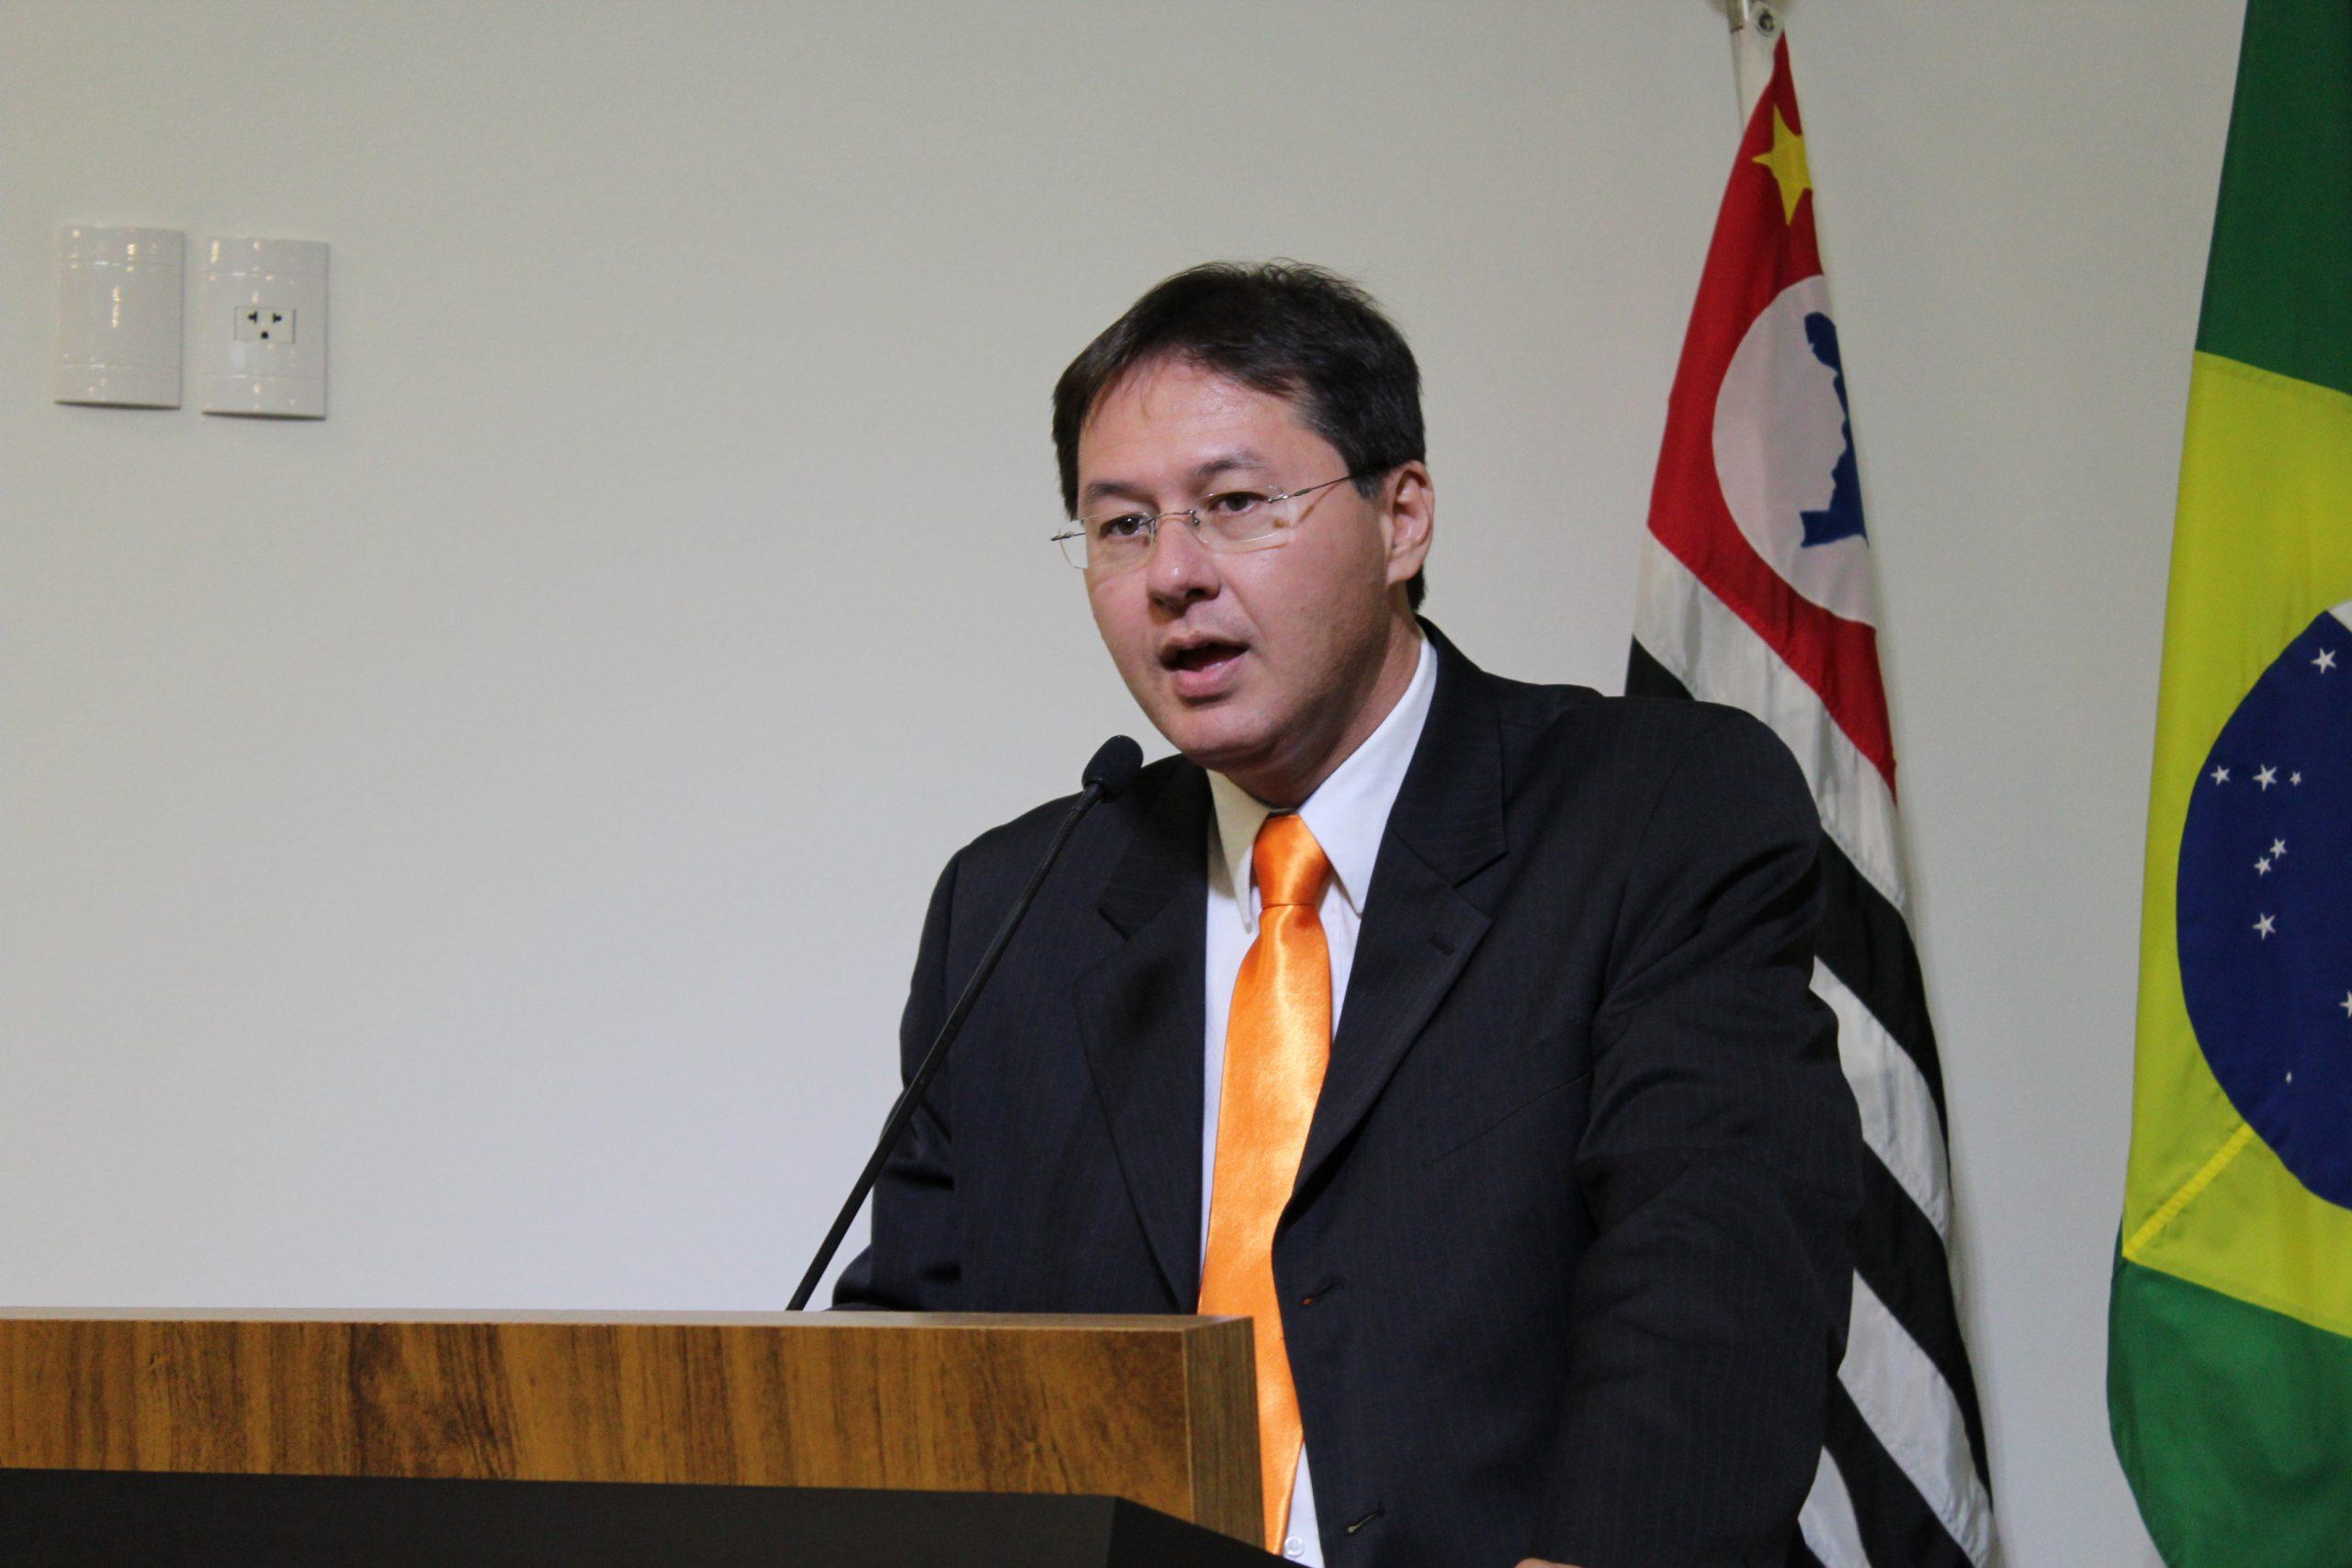 Câmara de Vereadores repassará R$ 100 mil ao CISA